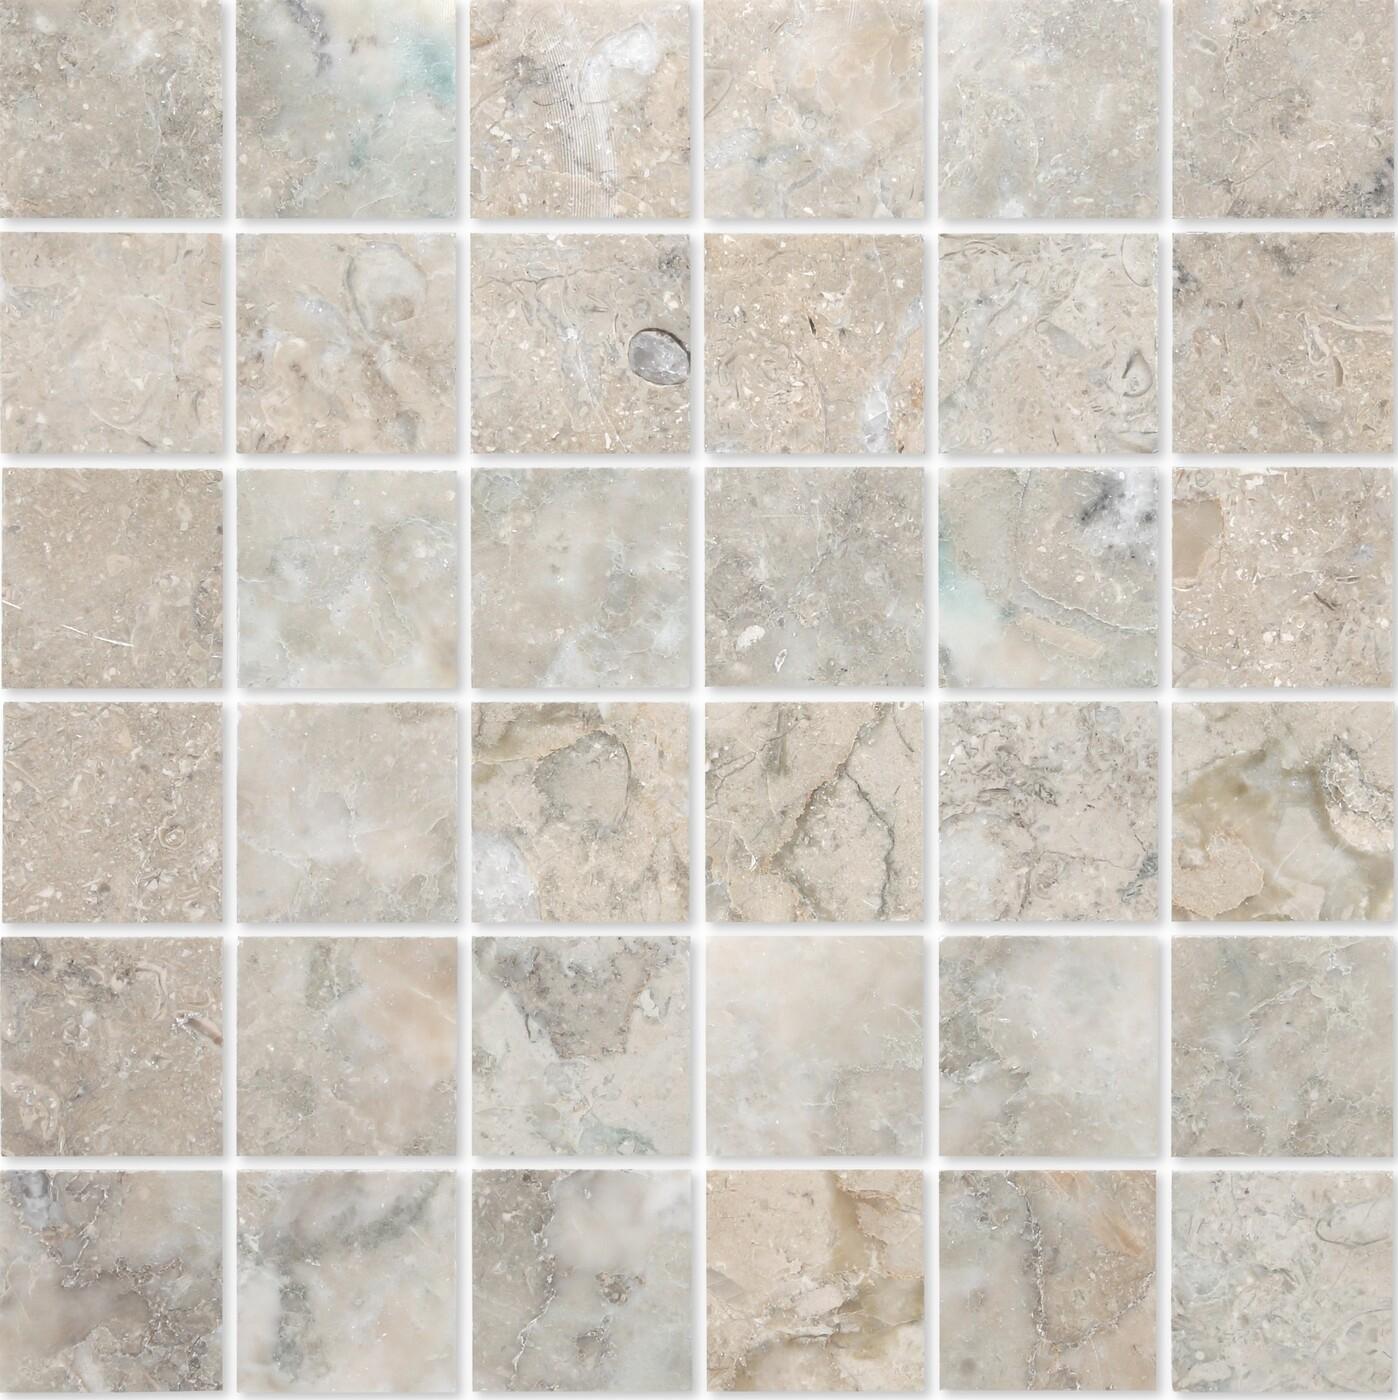 Мозаика из натурального камня Cappuccino grigio POL 48x48x7